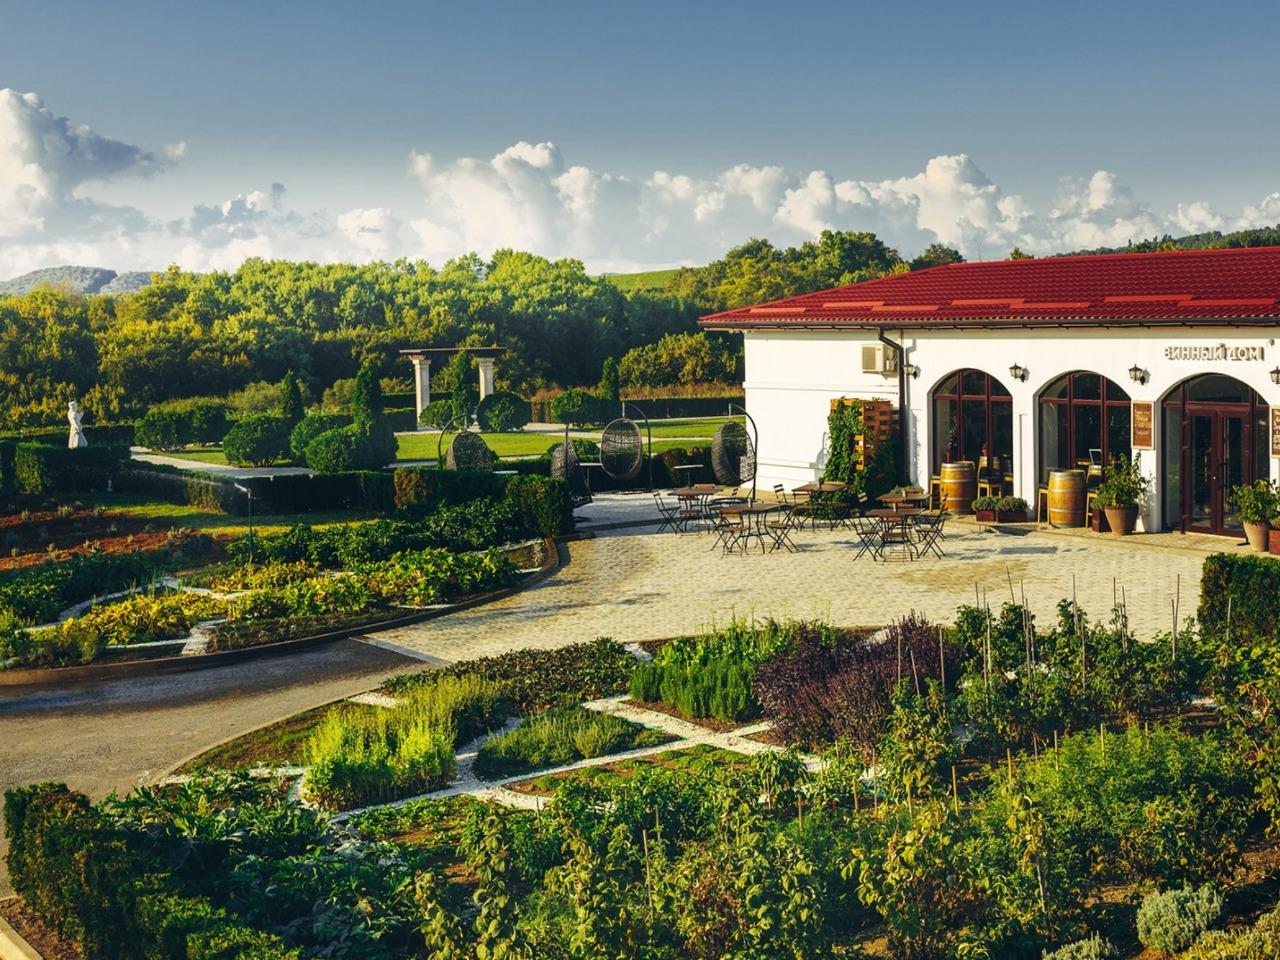 Винно-гастрономический тур на винодельню Лефкадия - индивидуальная экскурсия в Геленджике от опытного гида